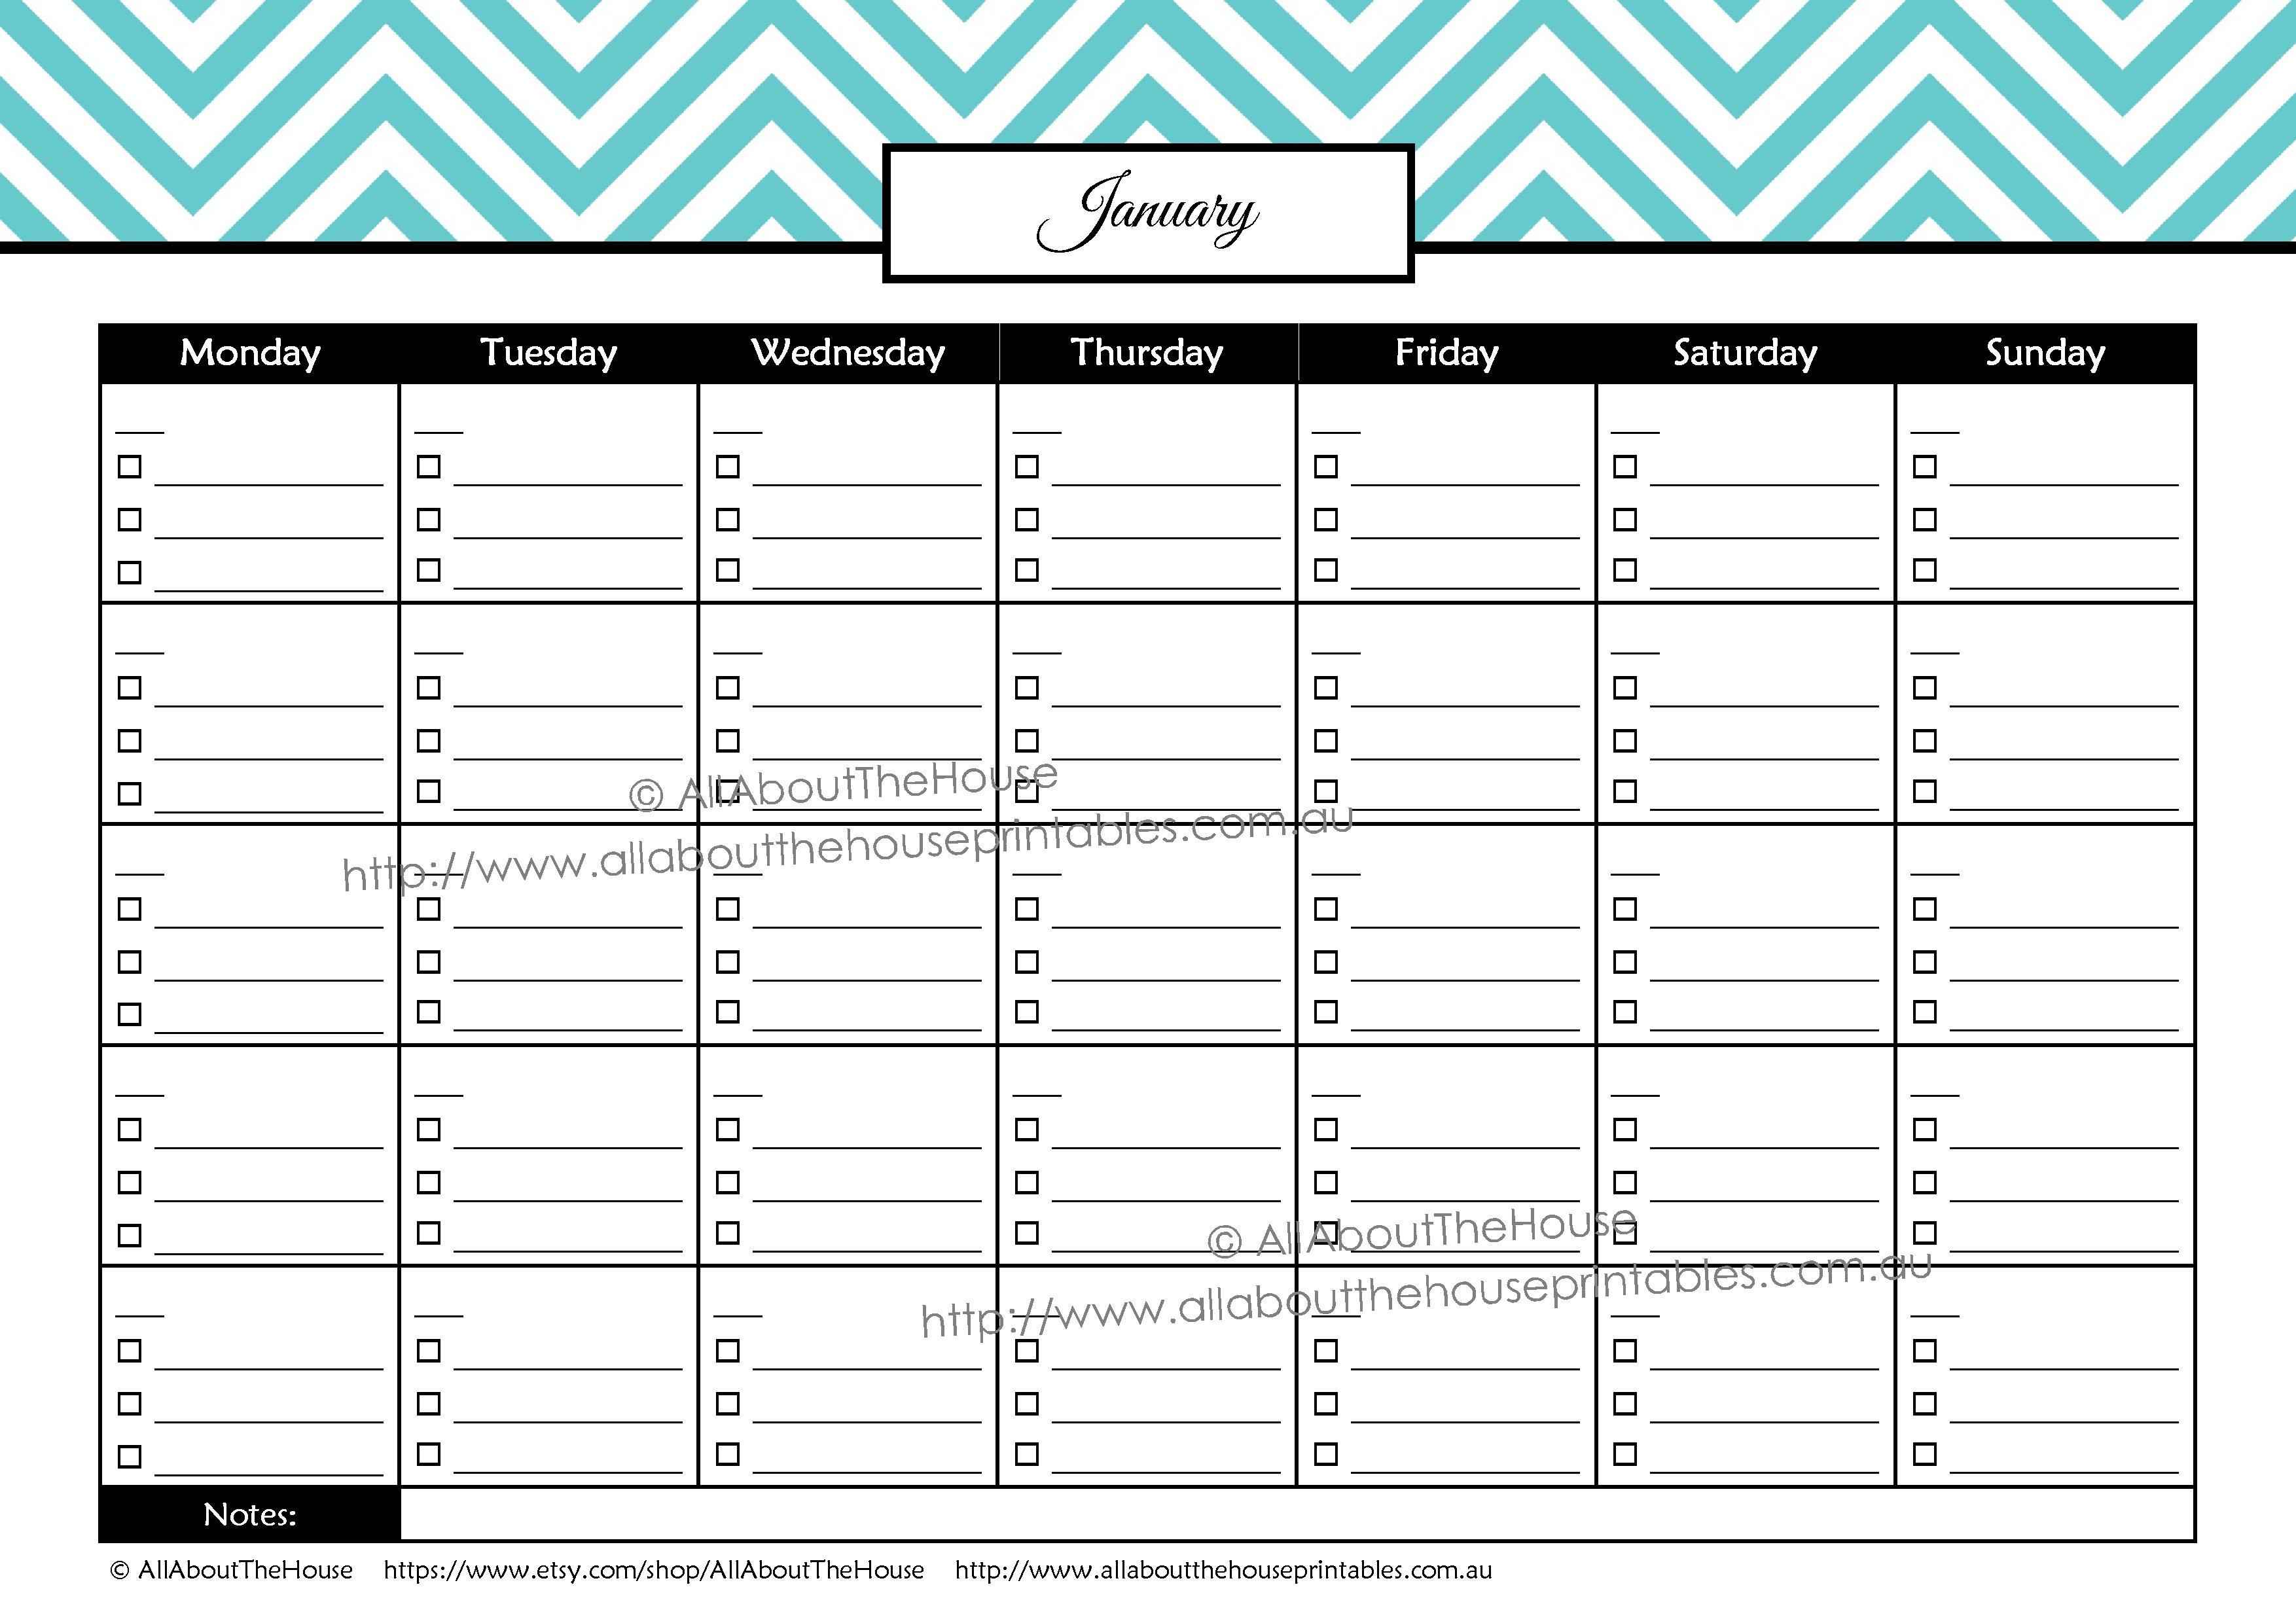 026 Template Ideas Paid Bill Payment Calendar Checklist